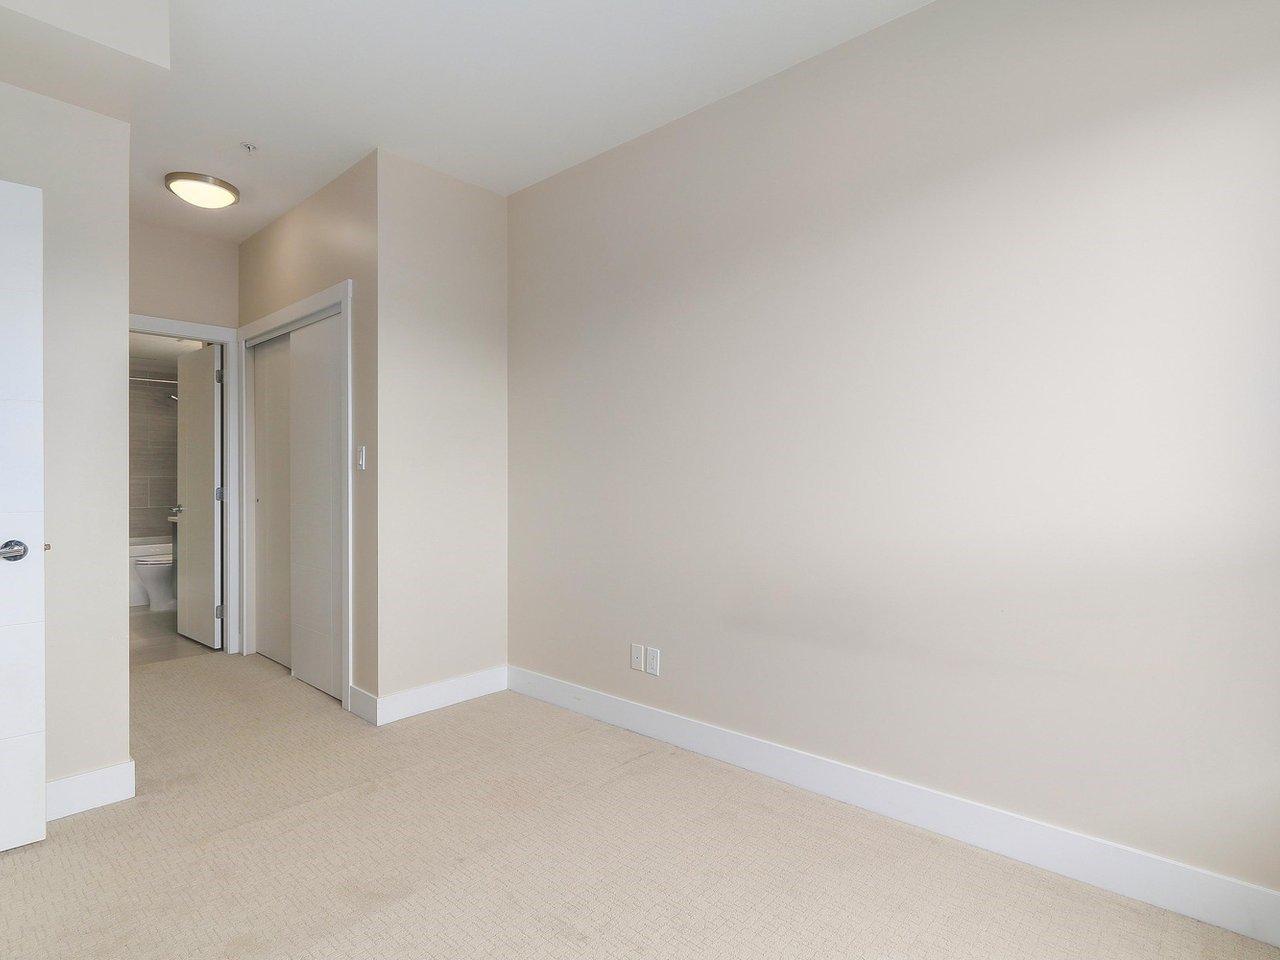 """Photo 10: Photos: 206 6011 NO. 1 Road in Richmond: Terra Nova Condo for sale in """"TERRA WEST"""" : MLS®# R2398538"""